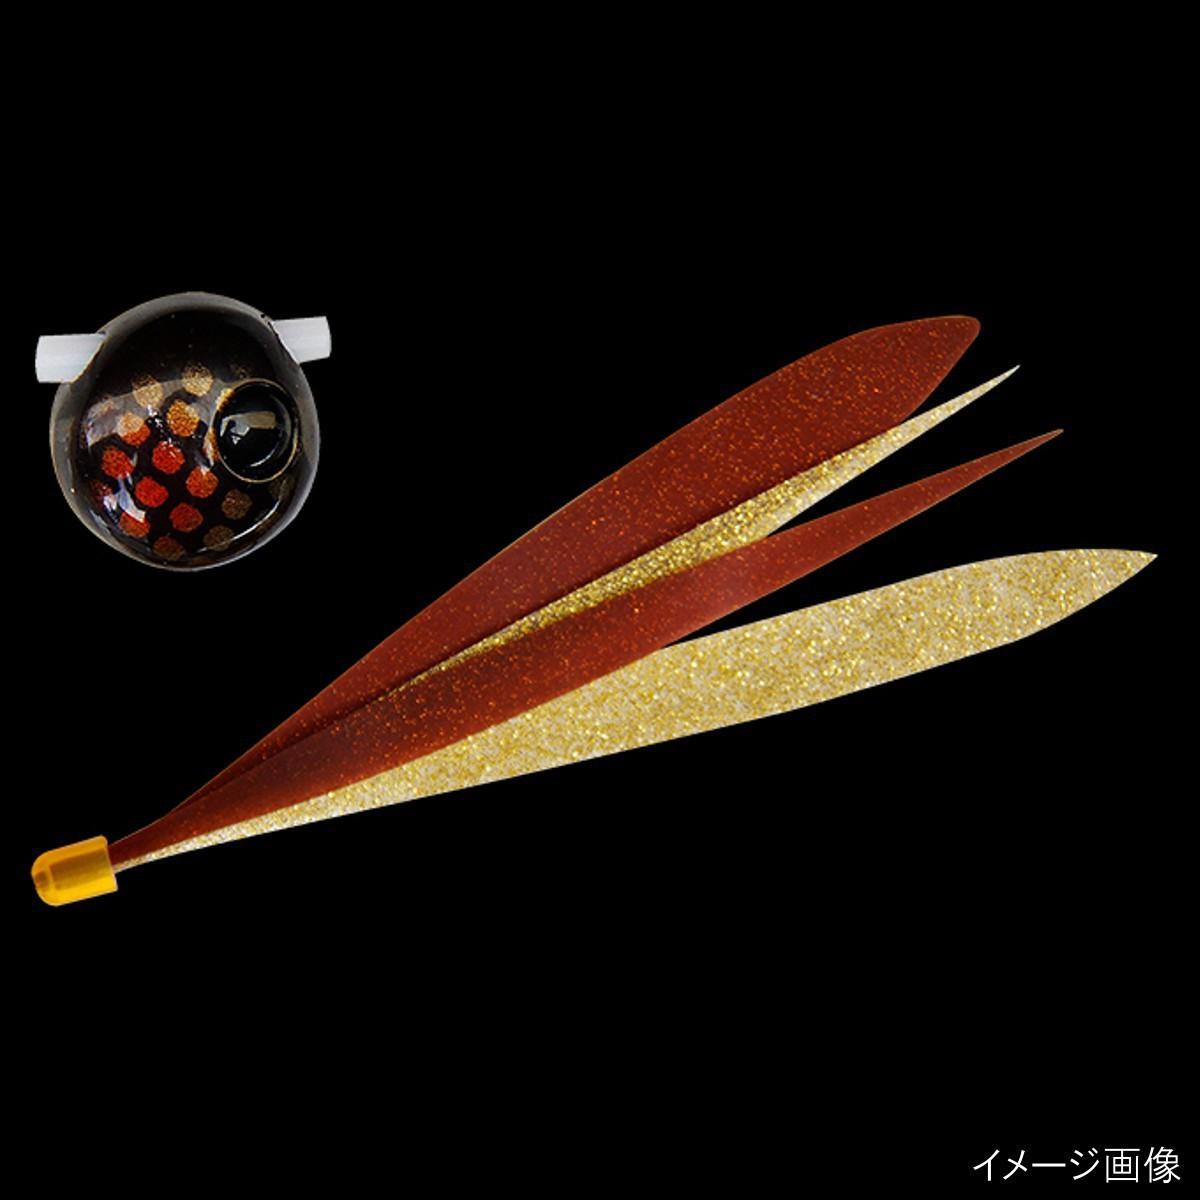 ジャッカル ビンビン玉スライド Wアピール 100g ダークコーラ/カニ&タコシルエット